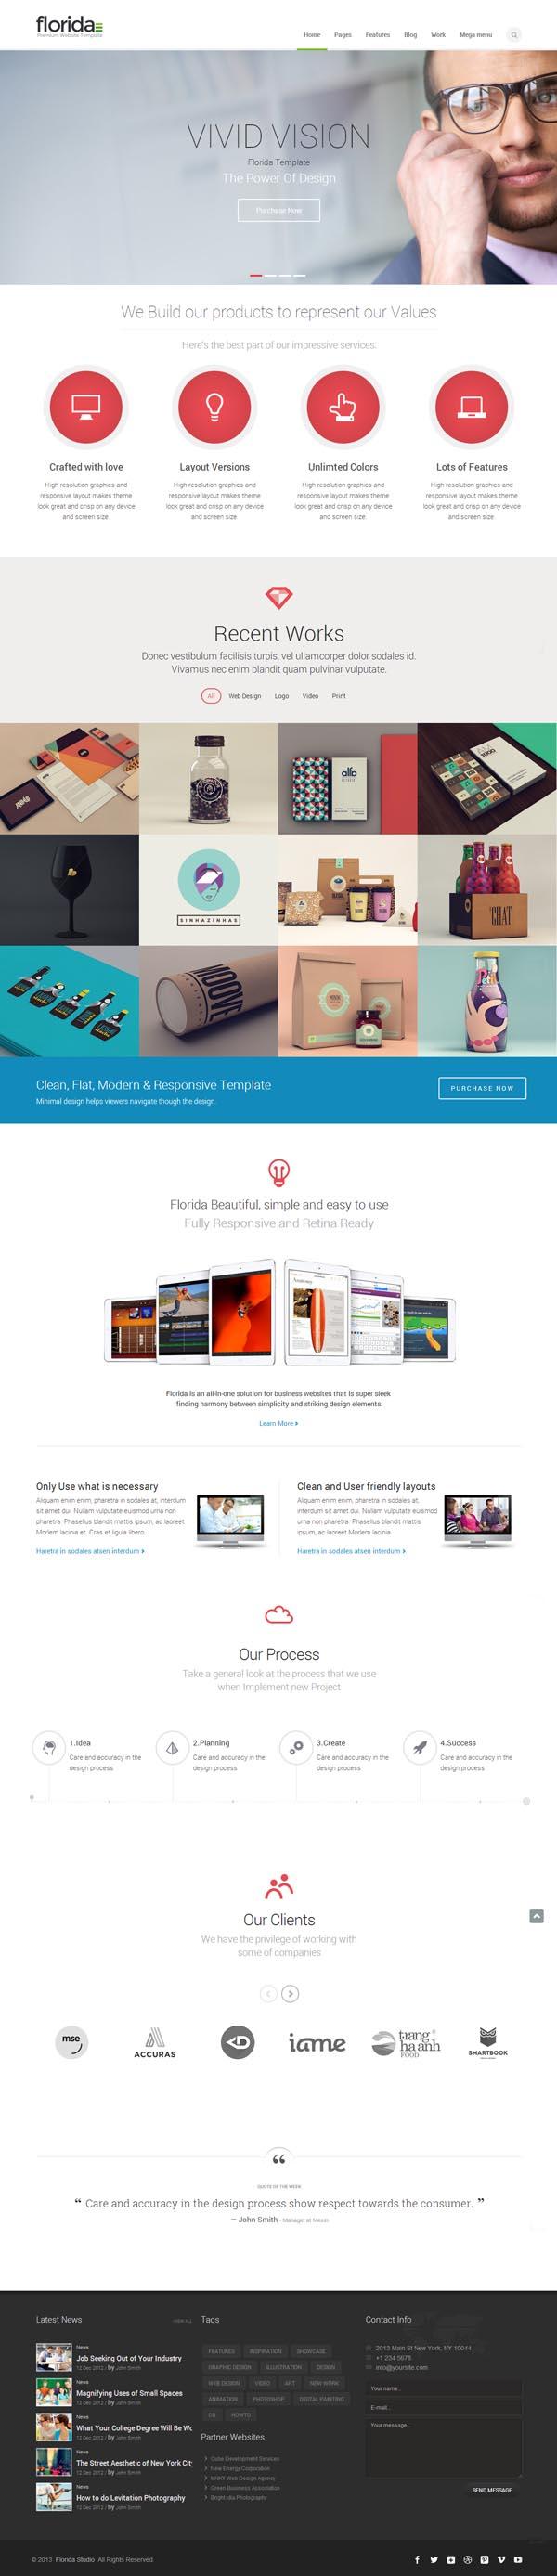 Florida - Premium Multipurpose Responsive Template